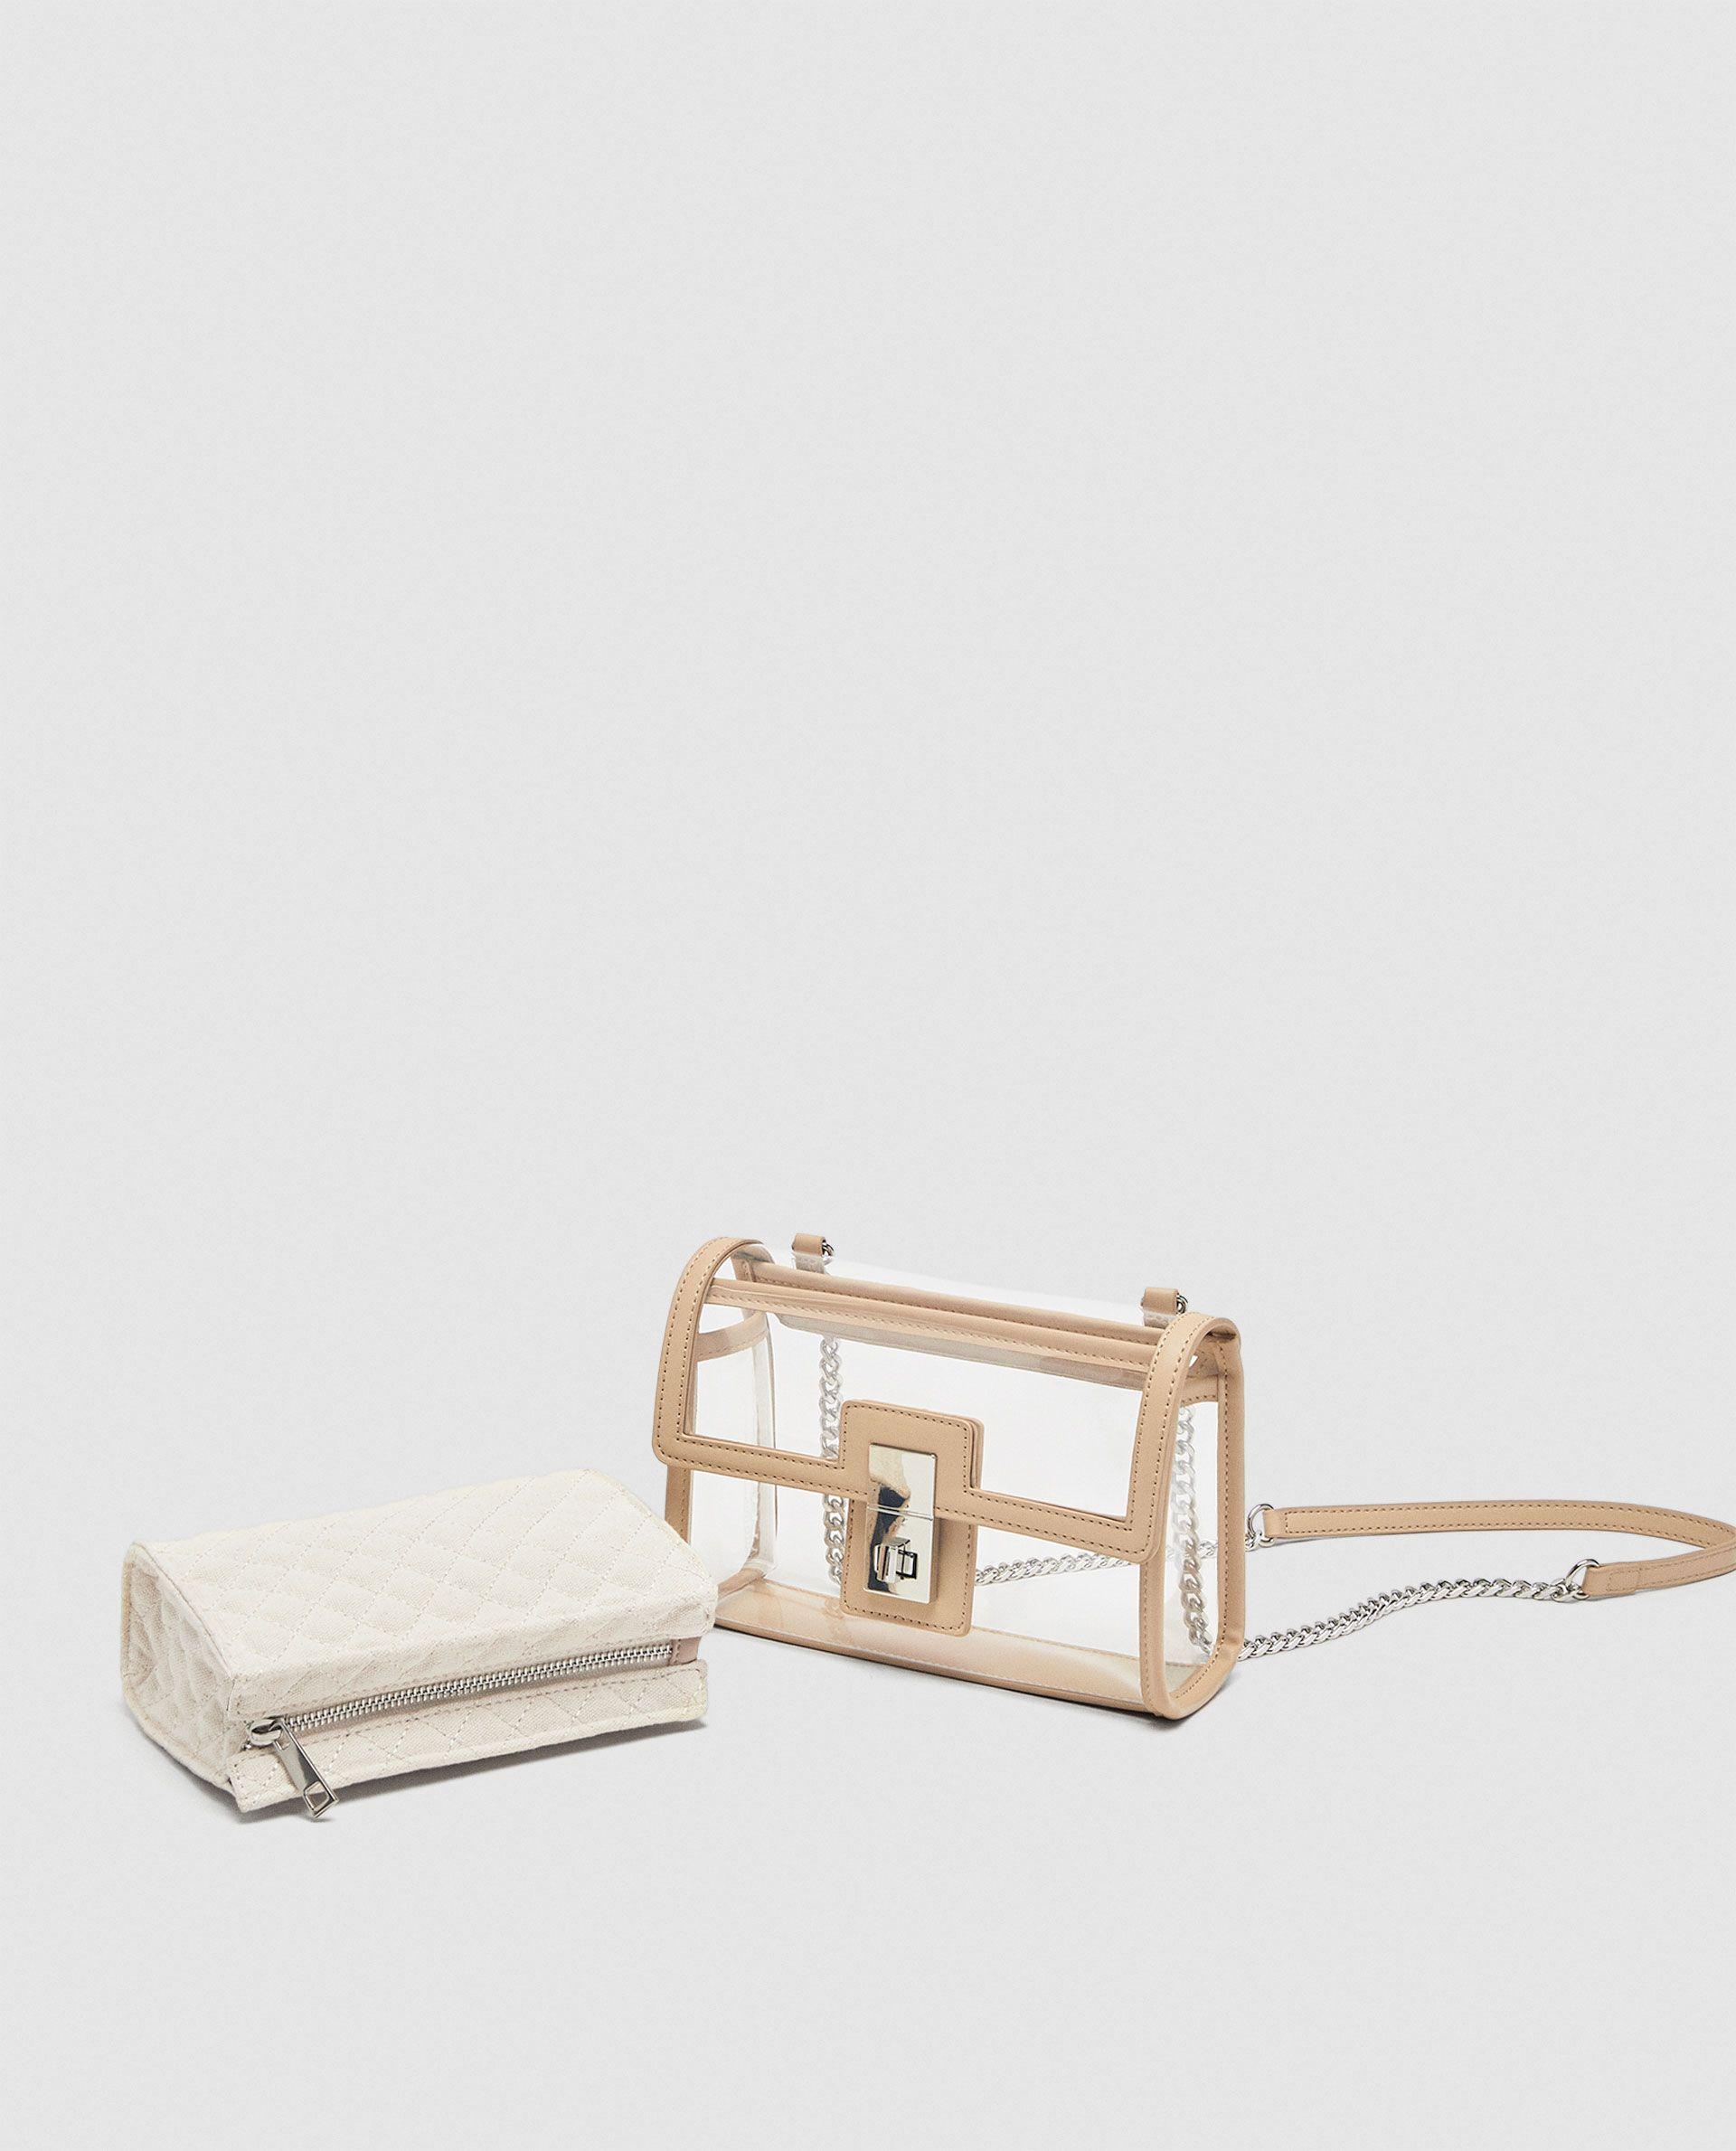 6407ee16c948    PVC Clear crossbody bags clutch Baginning Clear purse handbags Pvc clutch